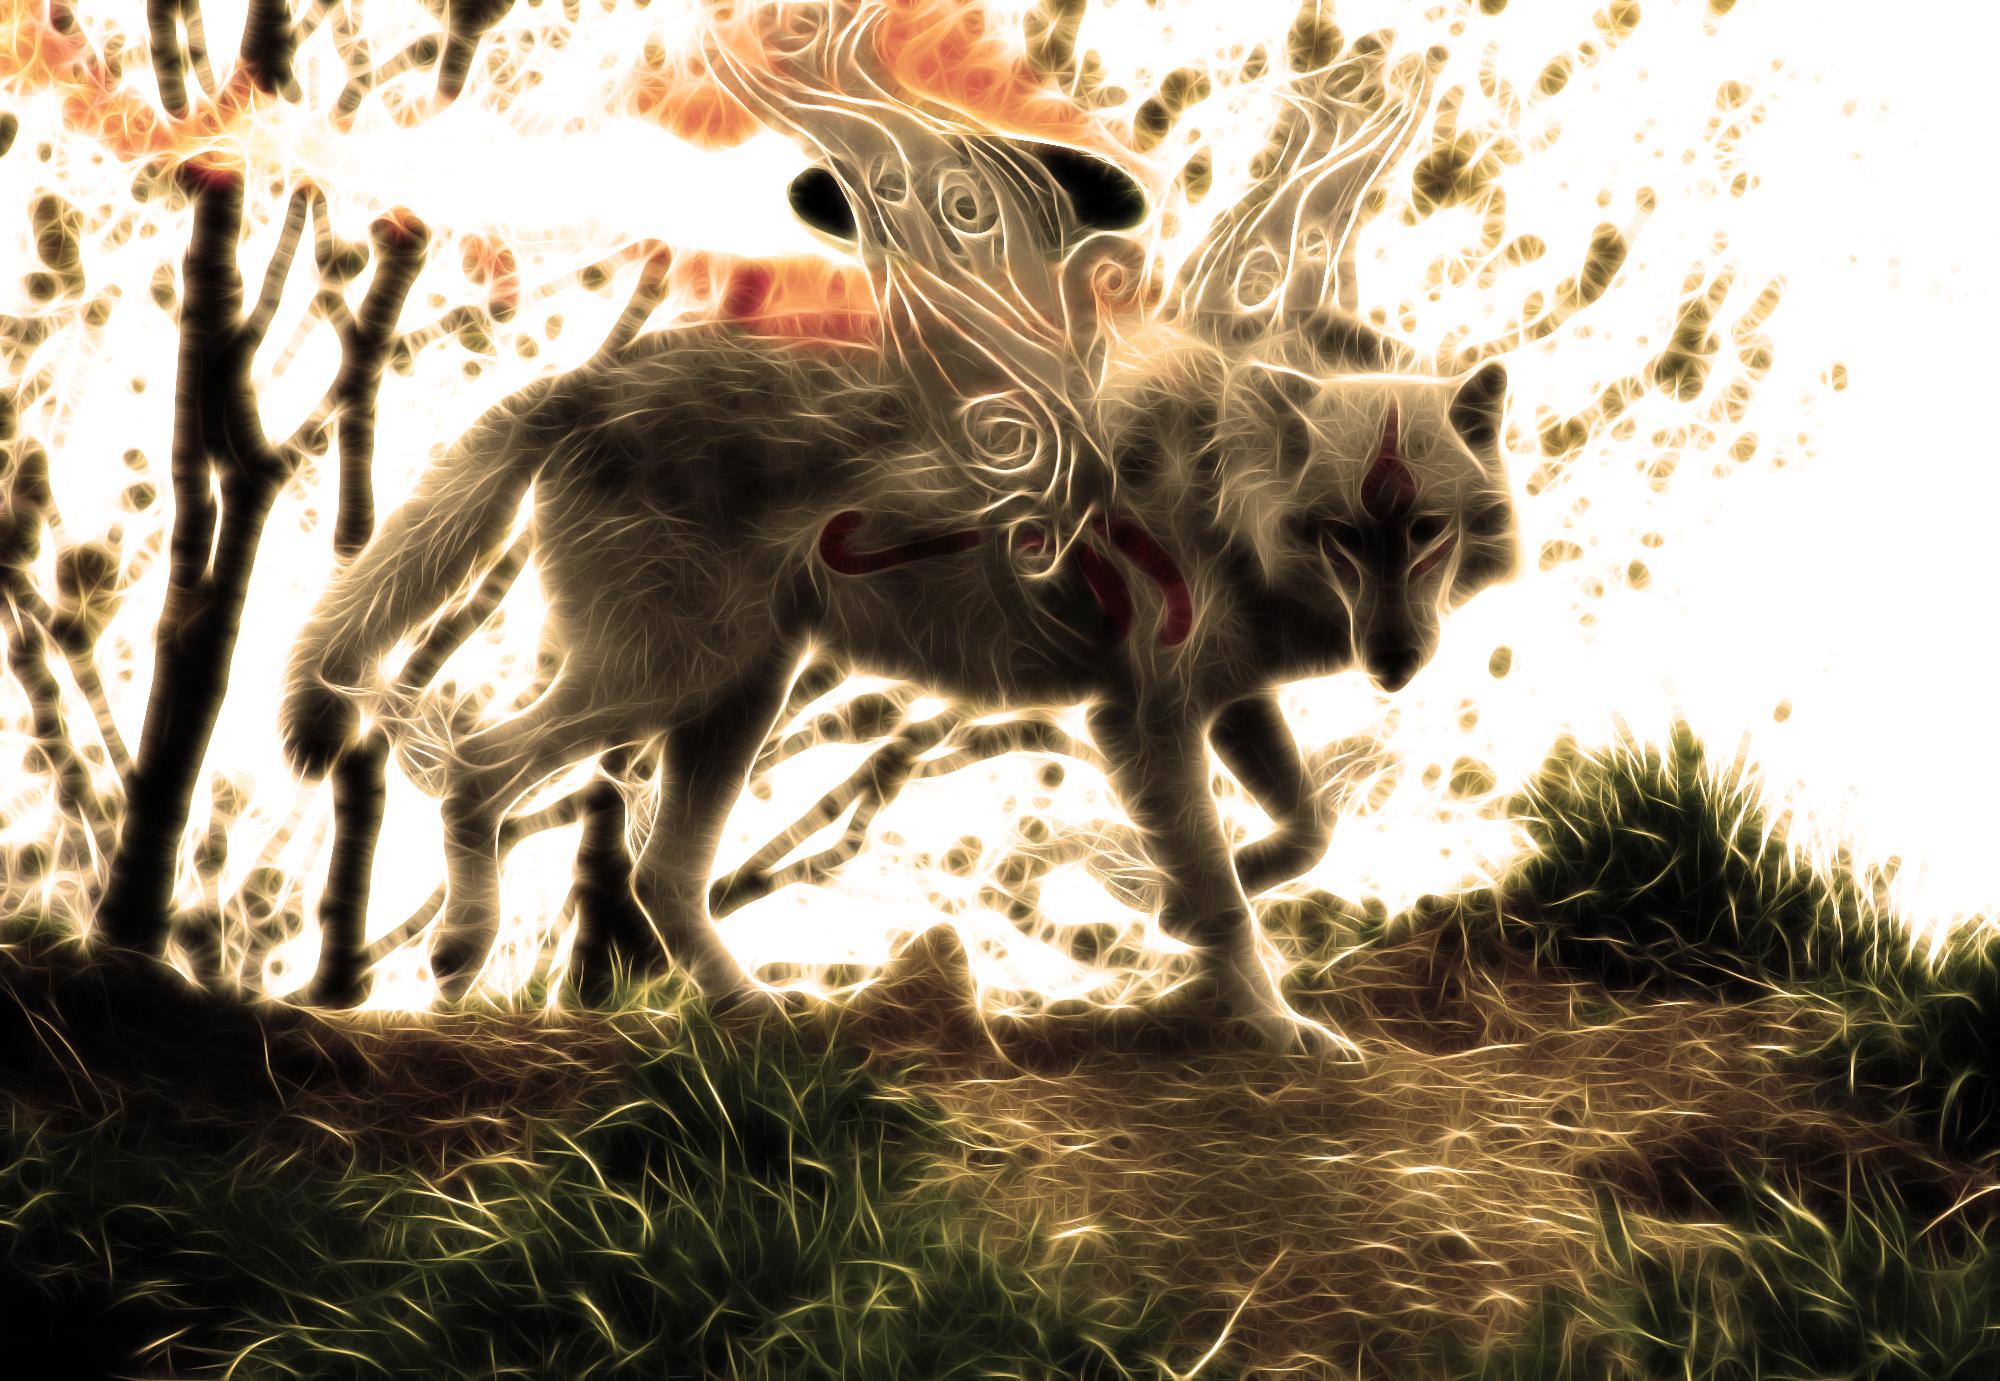 Okami - The Great Spirit 7 by wazzy88